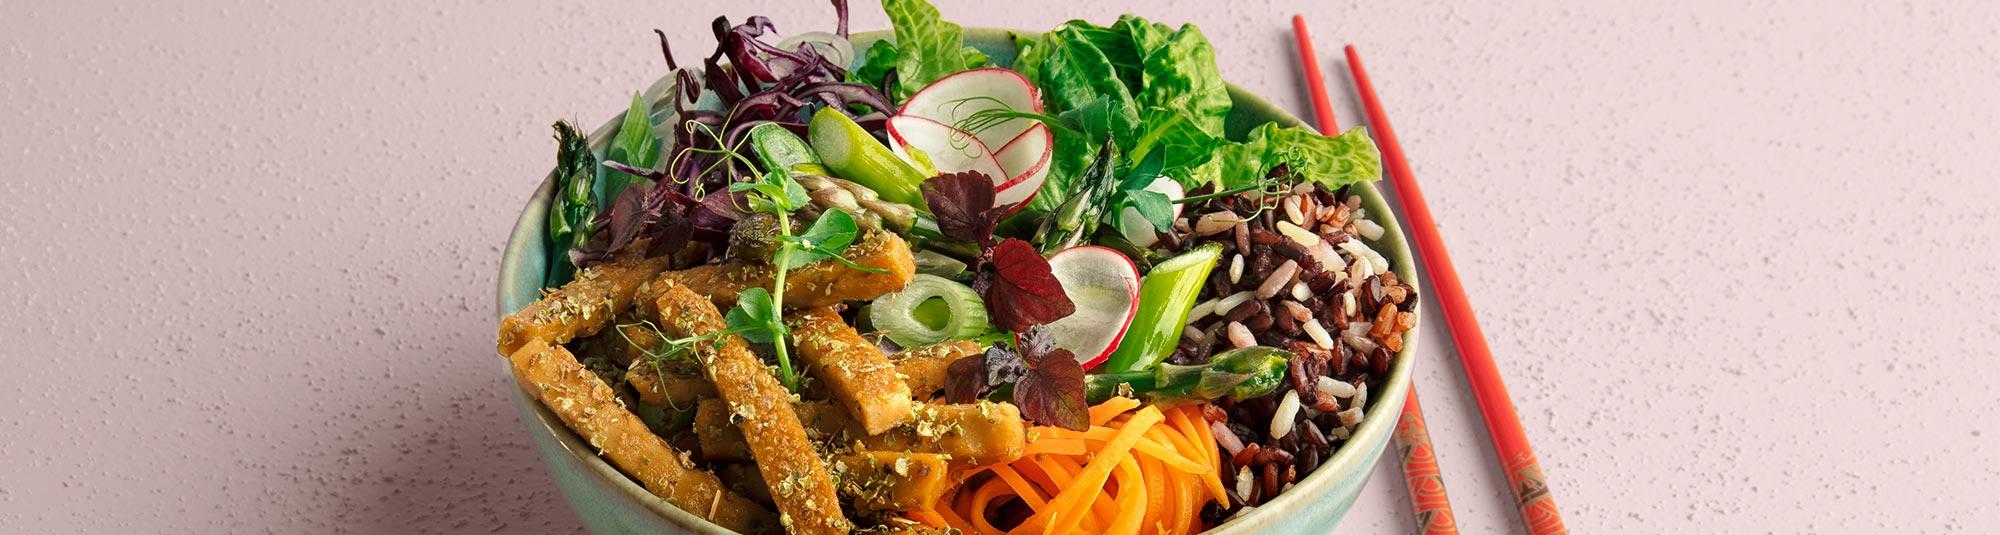 Bowl med veganska Pease strimlor, rismix och örtolja.